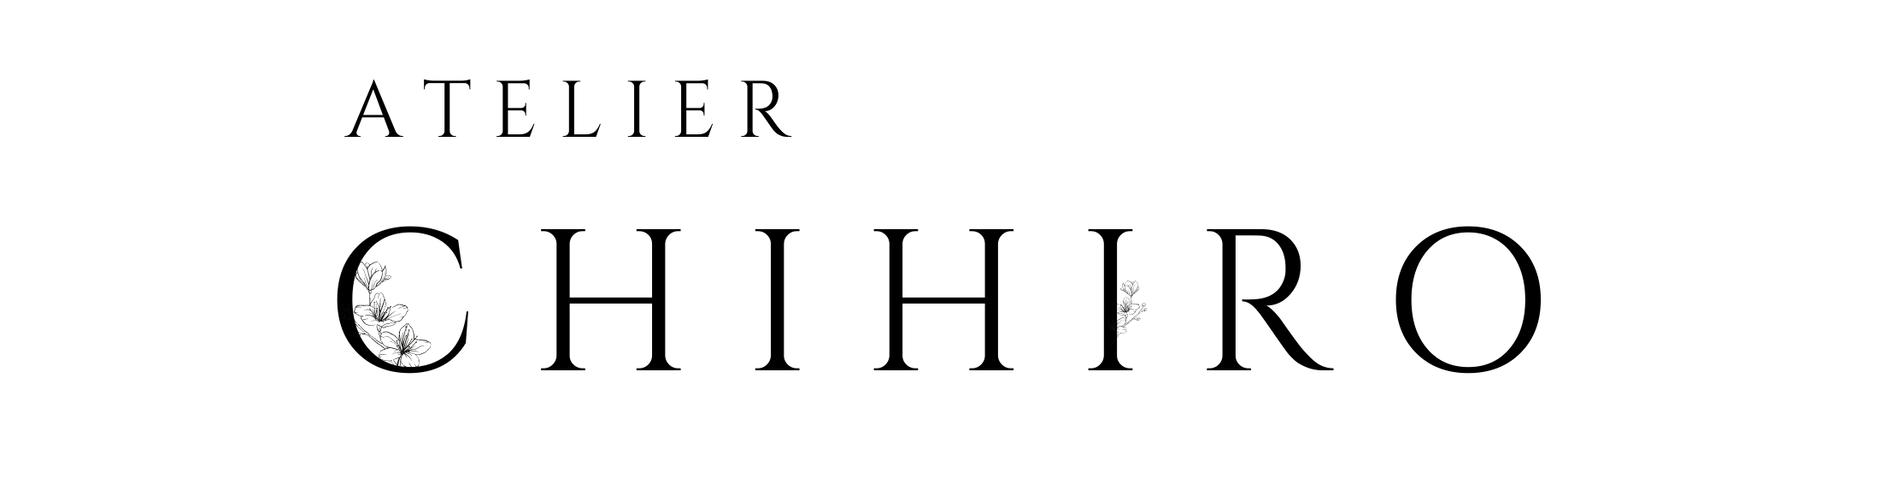 ATELIER CHIHIRO